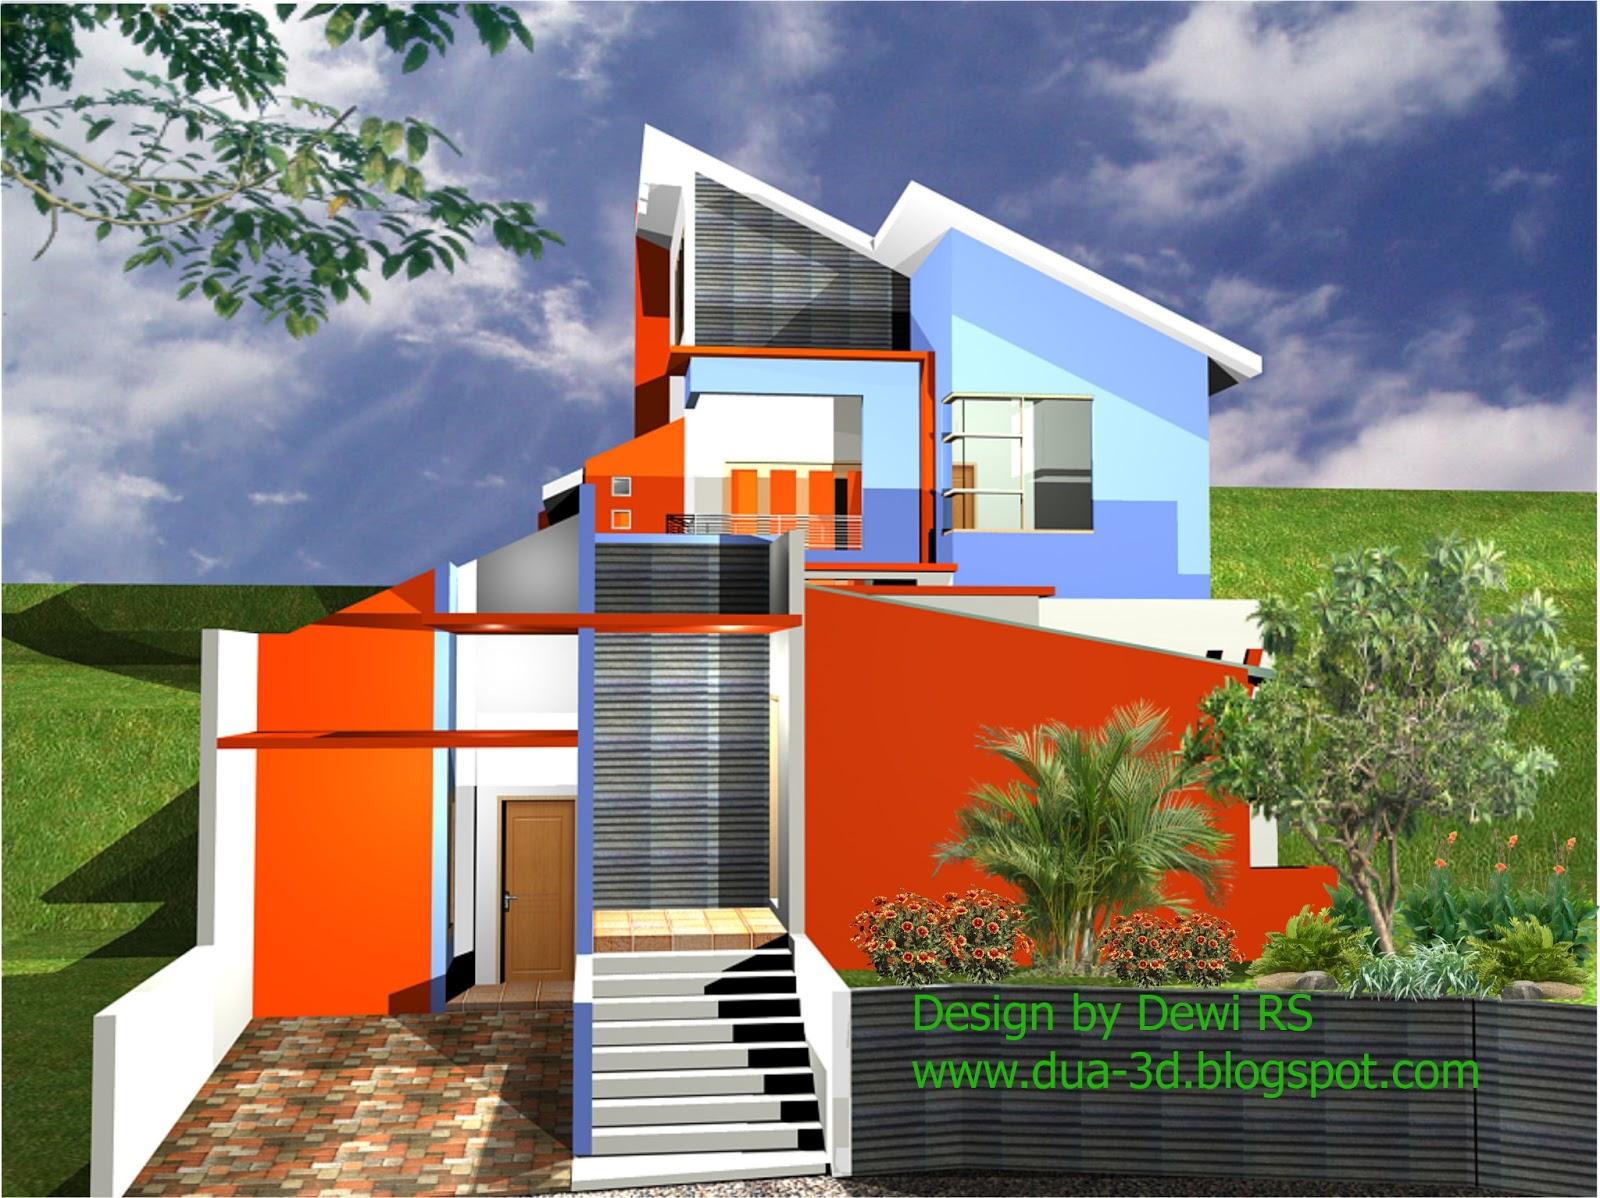 Disain sangat fleksibel baik untuk disain rumah minimalis modern maupun gaya yang lain sesuai dengan kondisi lahan serta keinginan Anda. & Jasa Disain Gambar 2D/3D dan Kursus AutoCAD: Jasa desain rumah